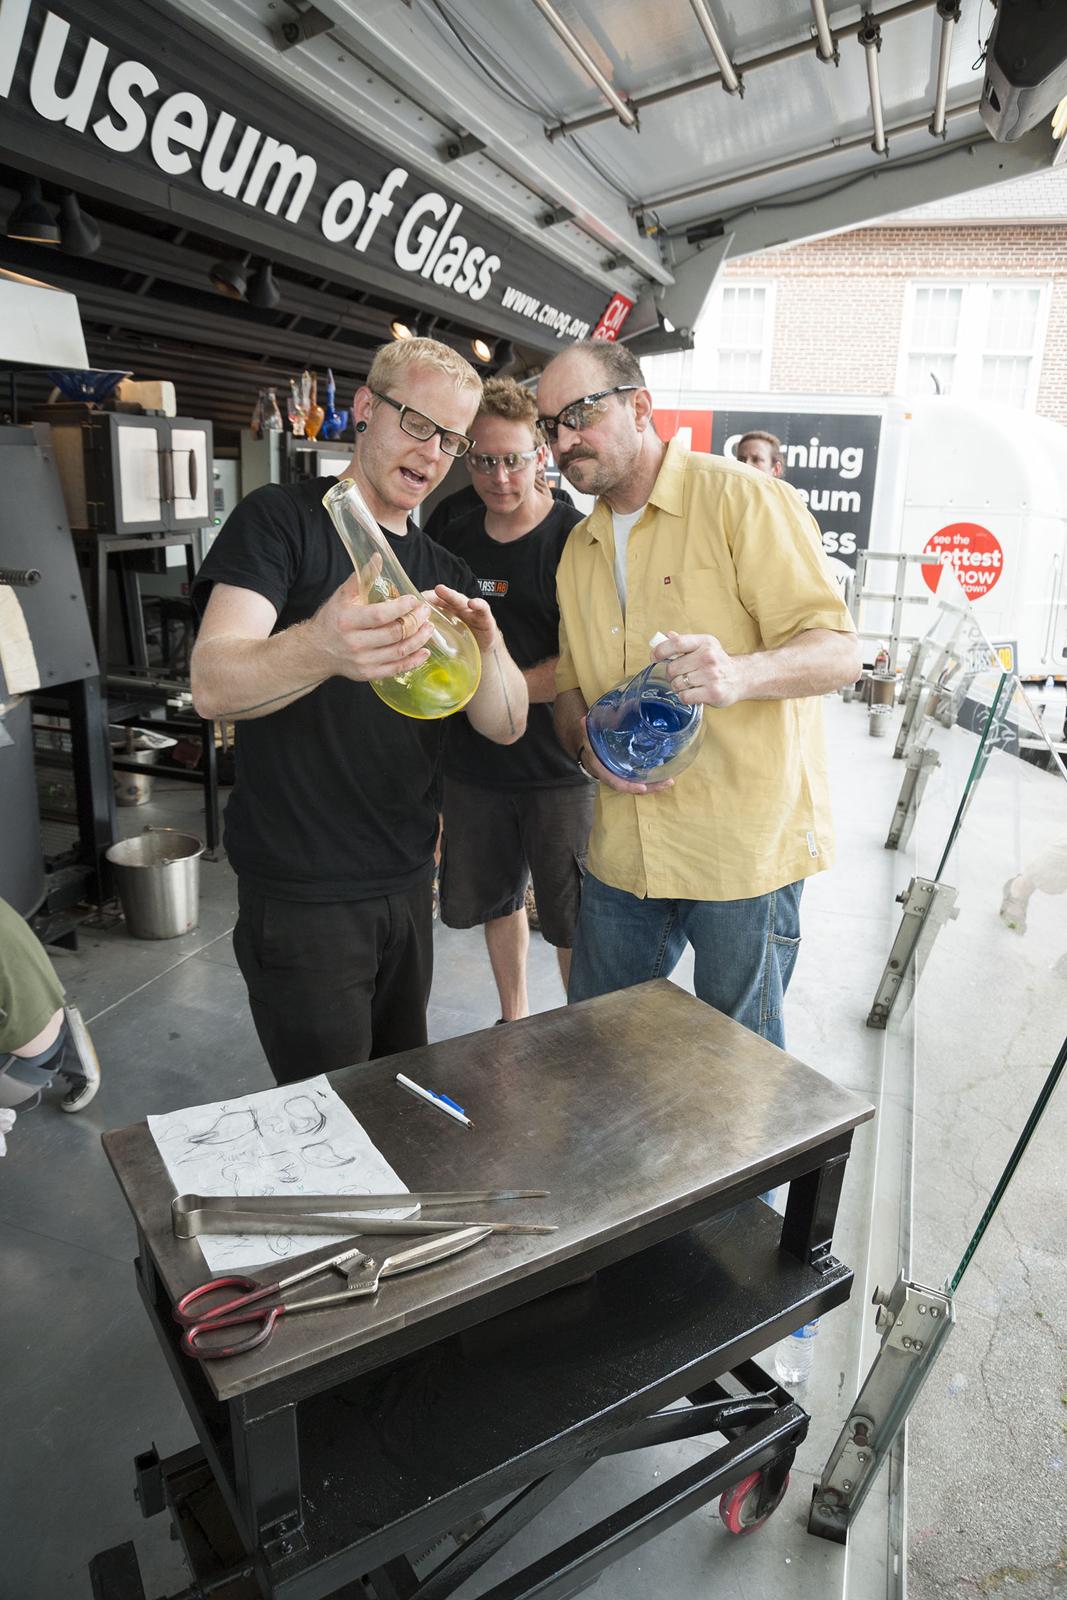 Designer James Victore at GlassLab on Governors Island, July 2012